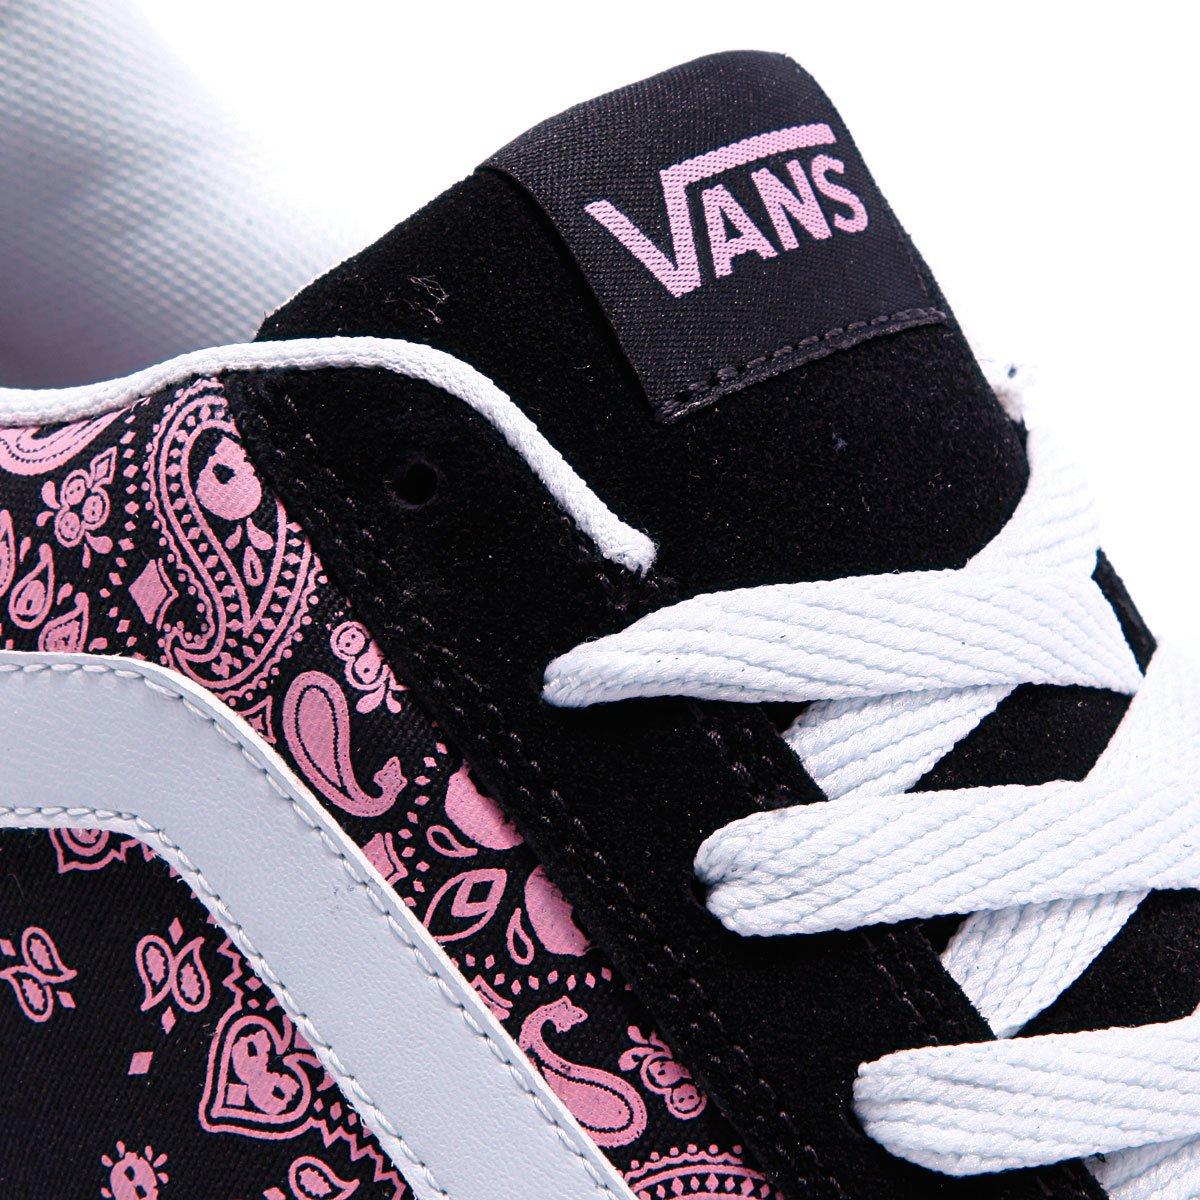 Купить кеды женские Vans Mercer Skull Paisley Black Pink ... 6dfa9a31763